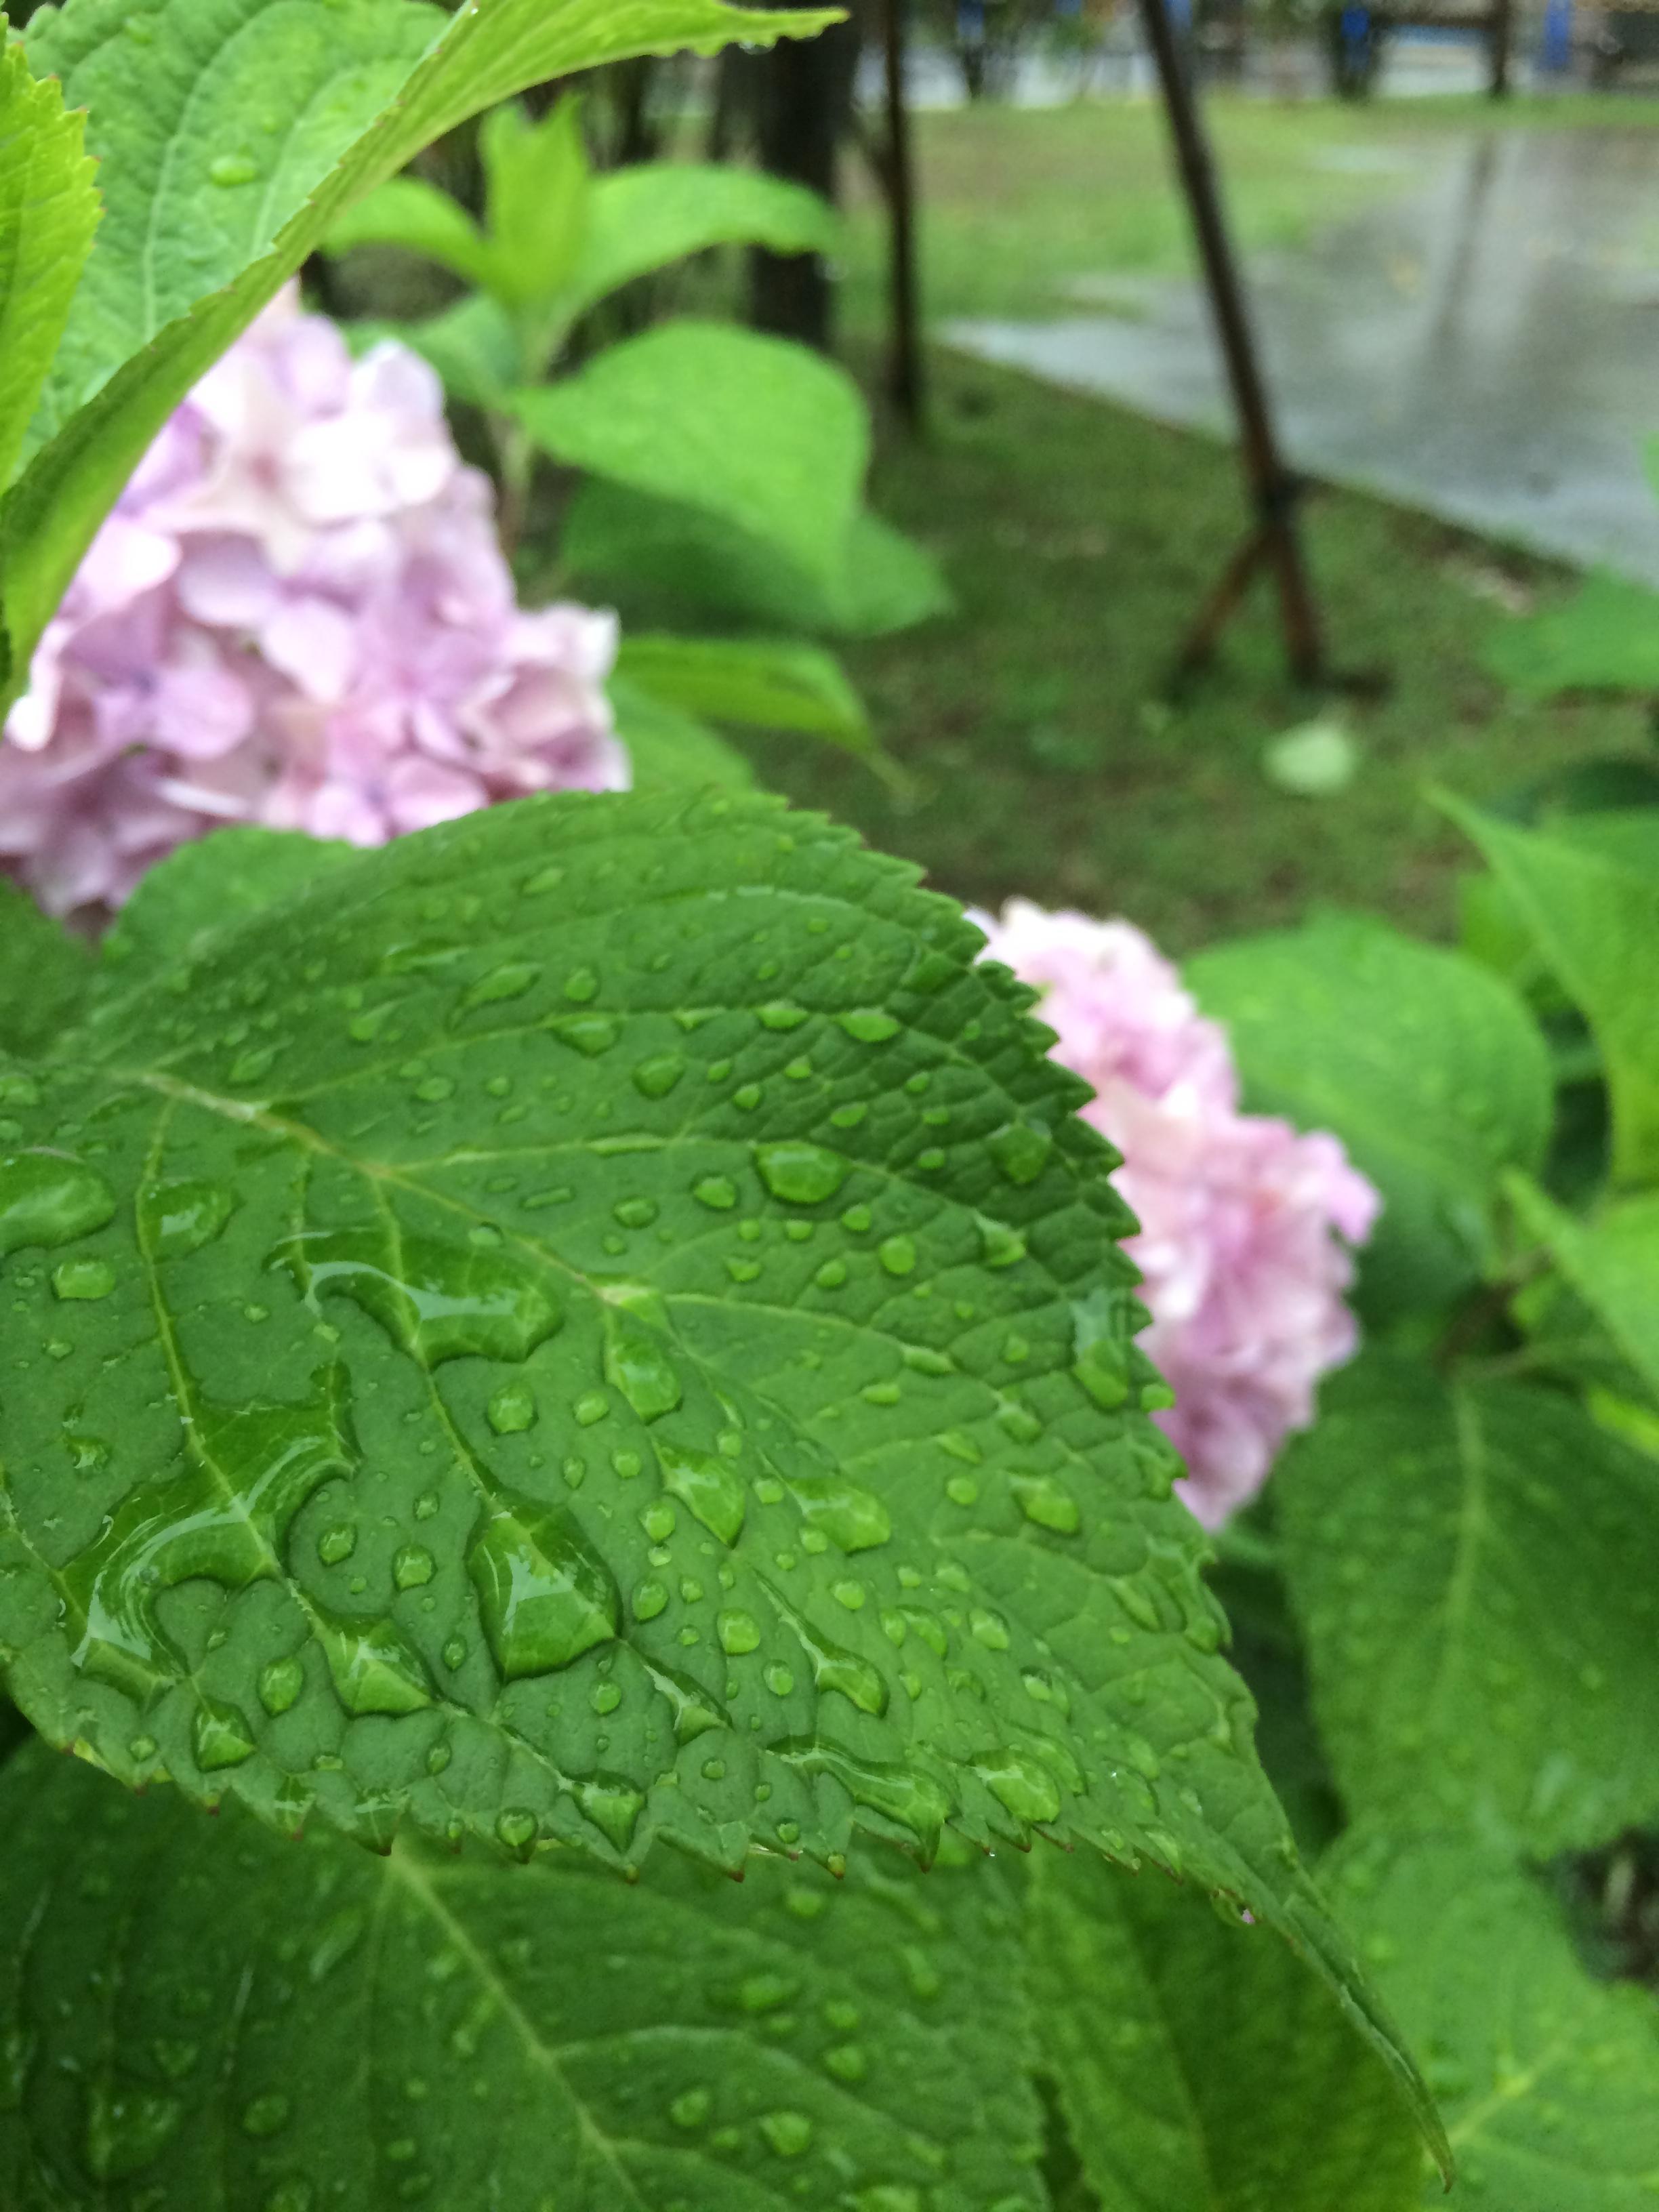 アジサイの葉。表面全体に在る水滴。